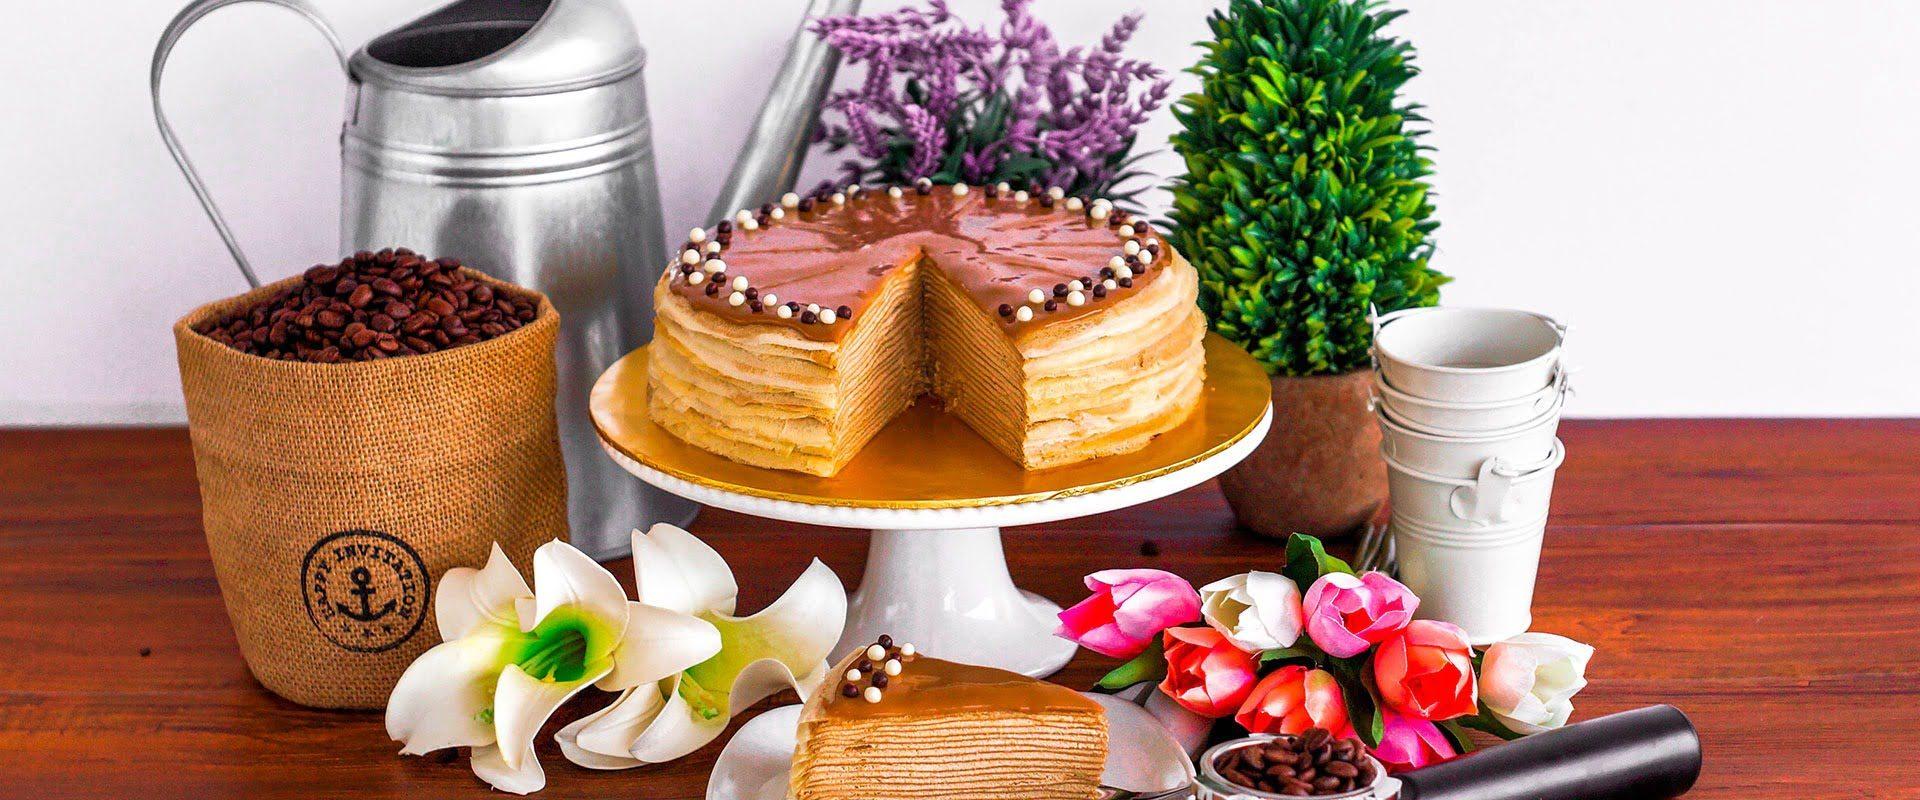 Cake-Header-Desktop.jpg